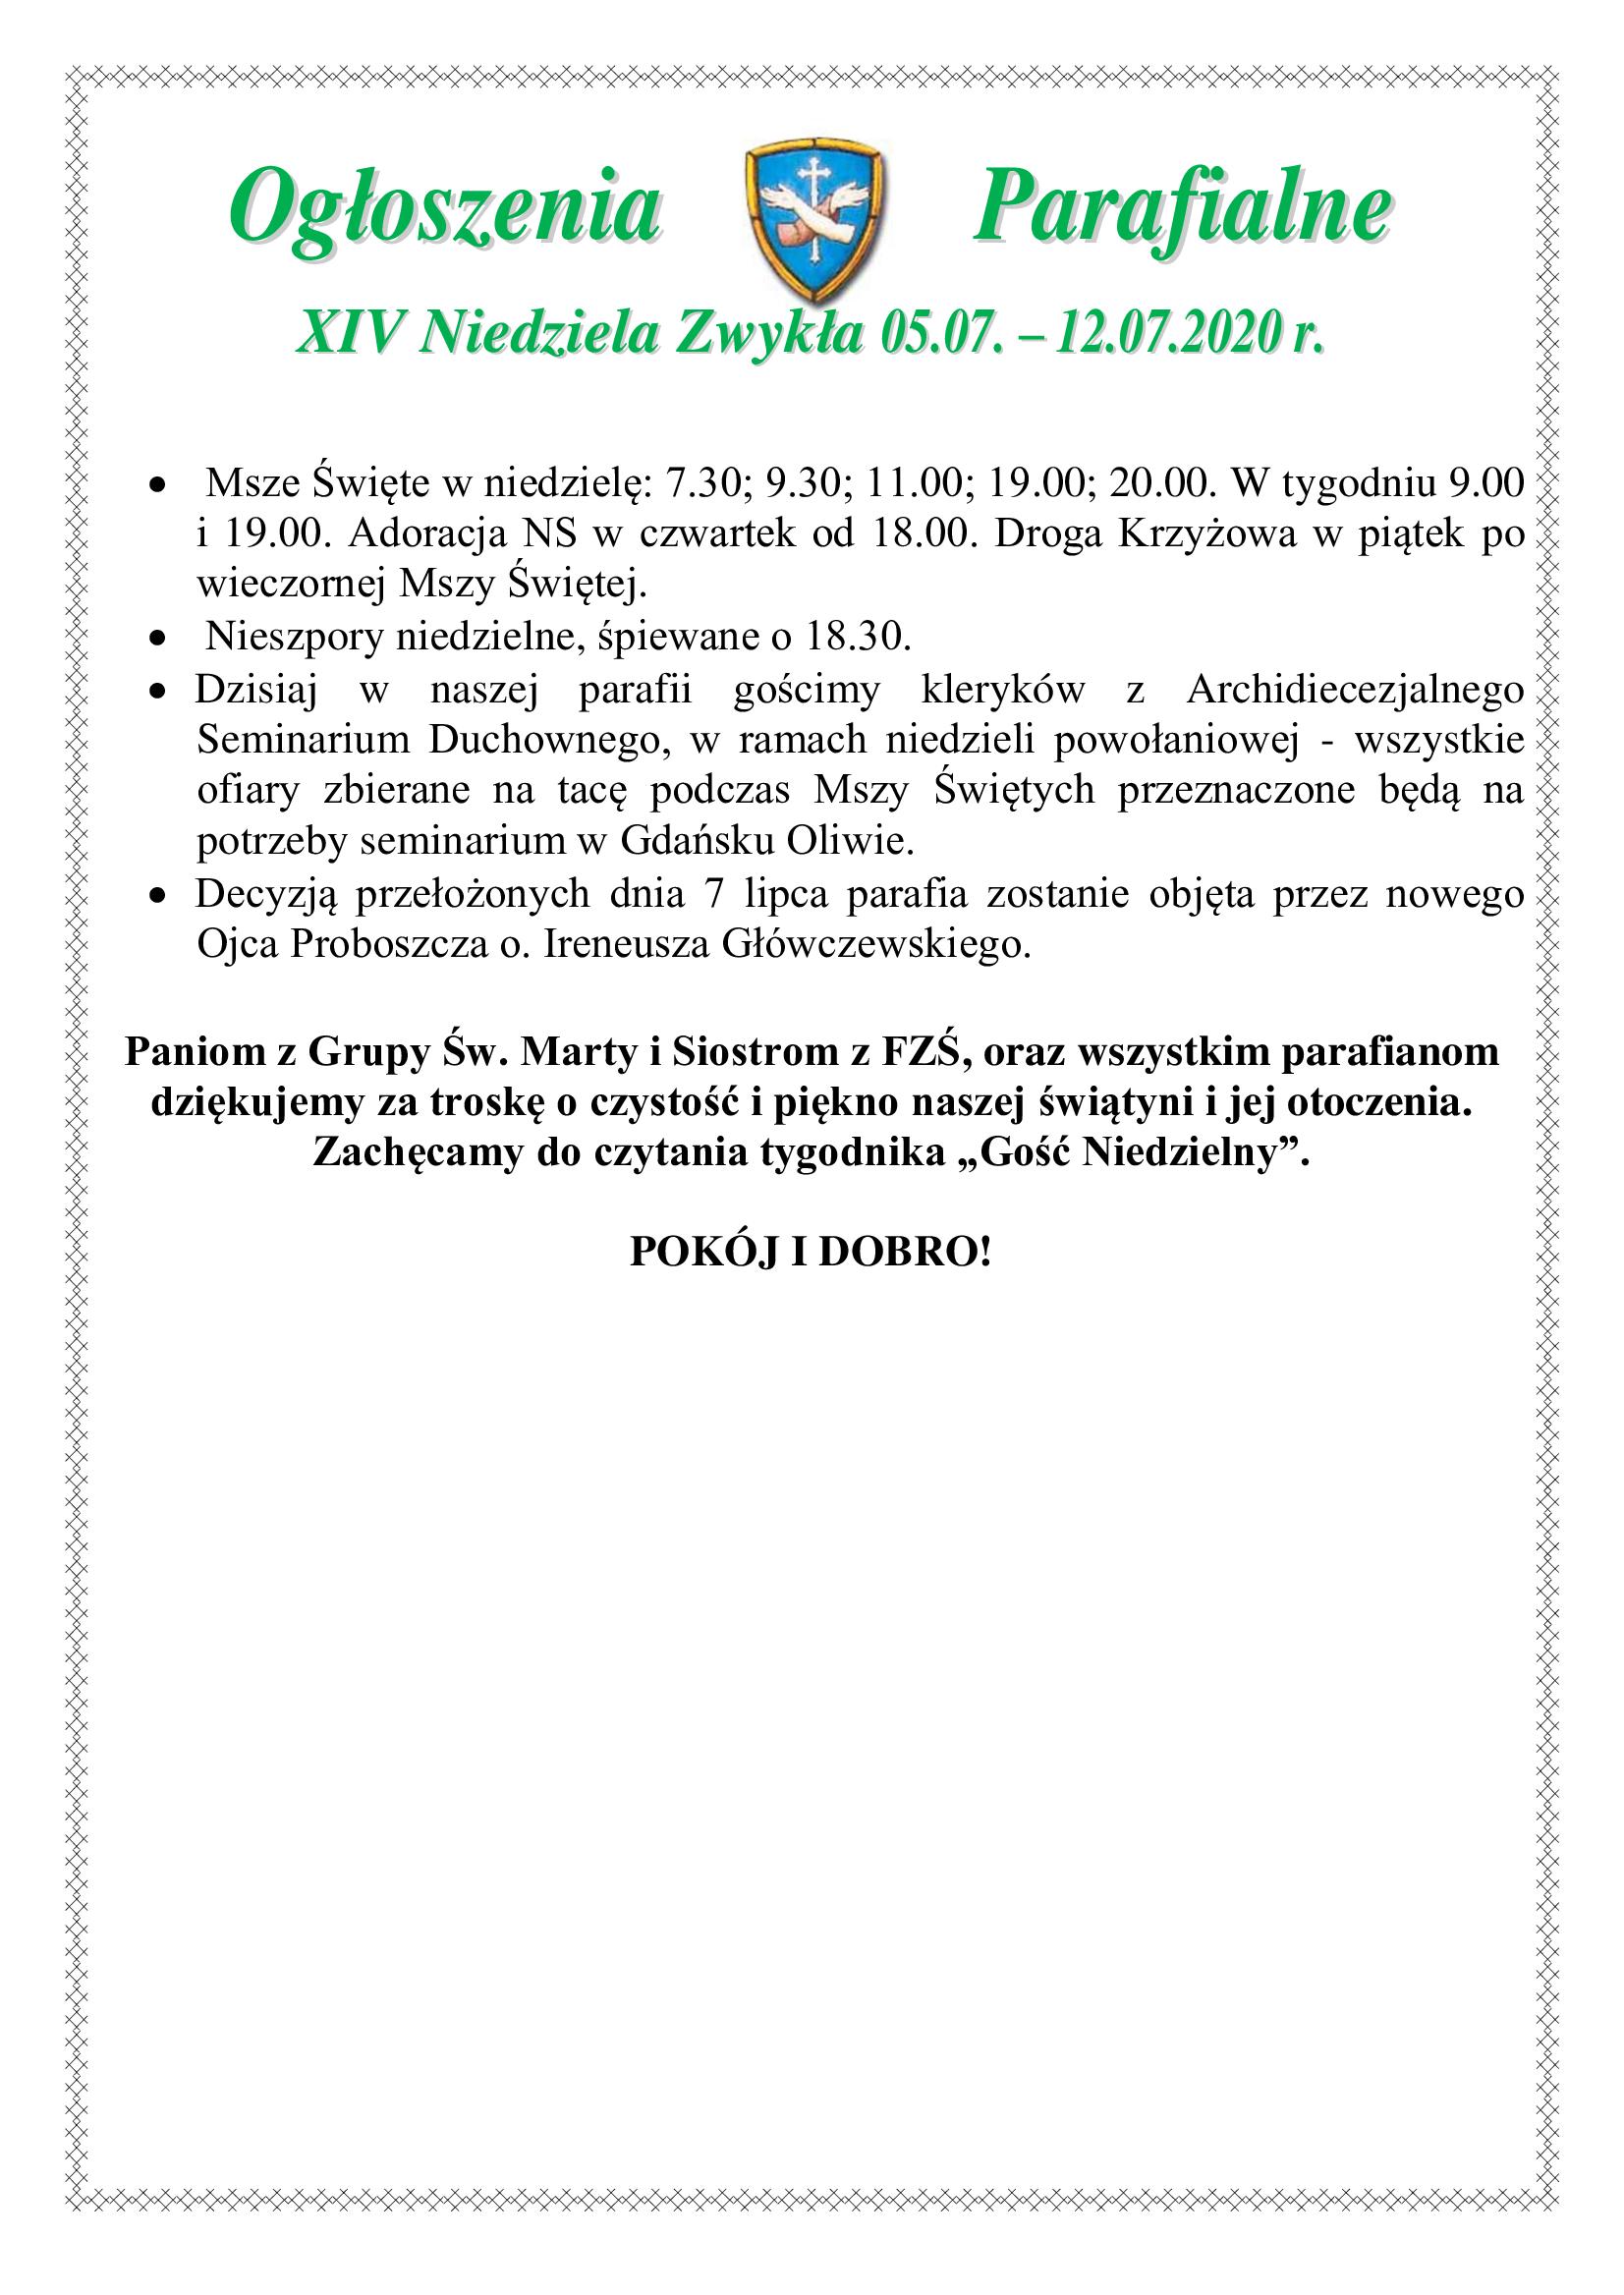 xiv-niedziela-zwykla-2020-ogloszenia